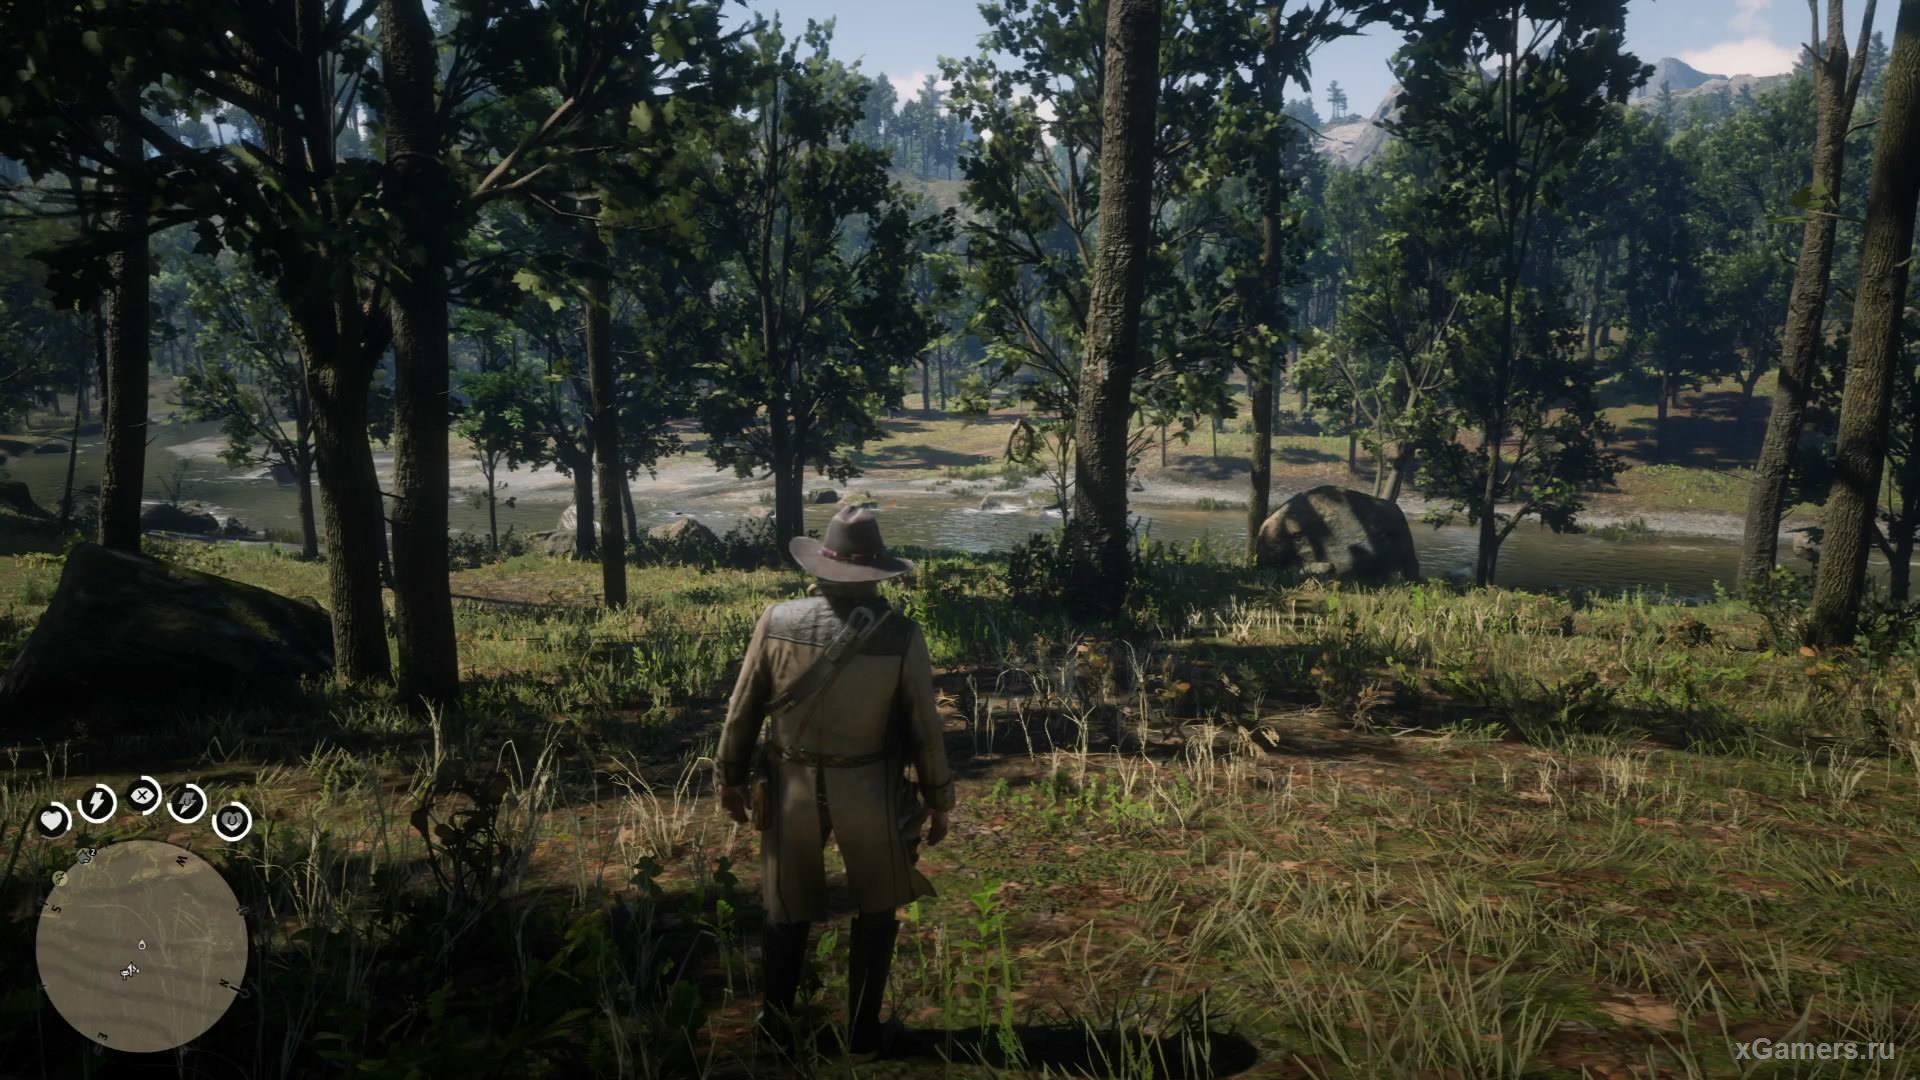 Второй ловец находится в северо-западном направлении от первого